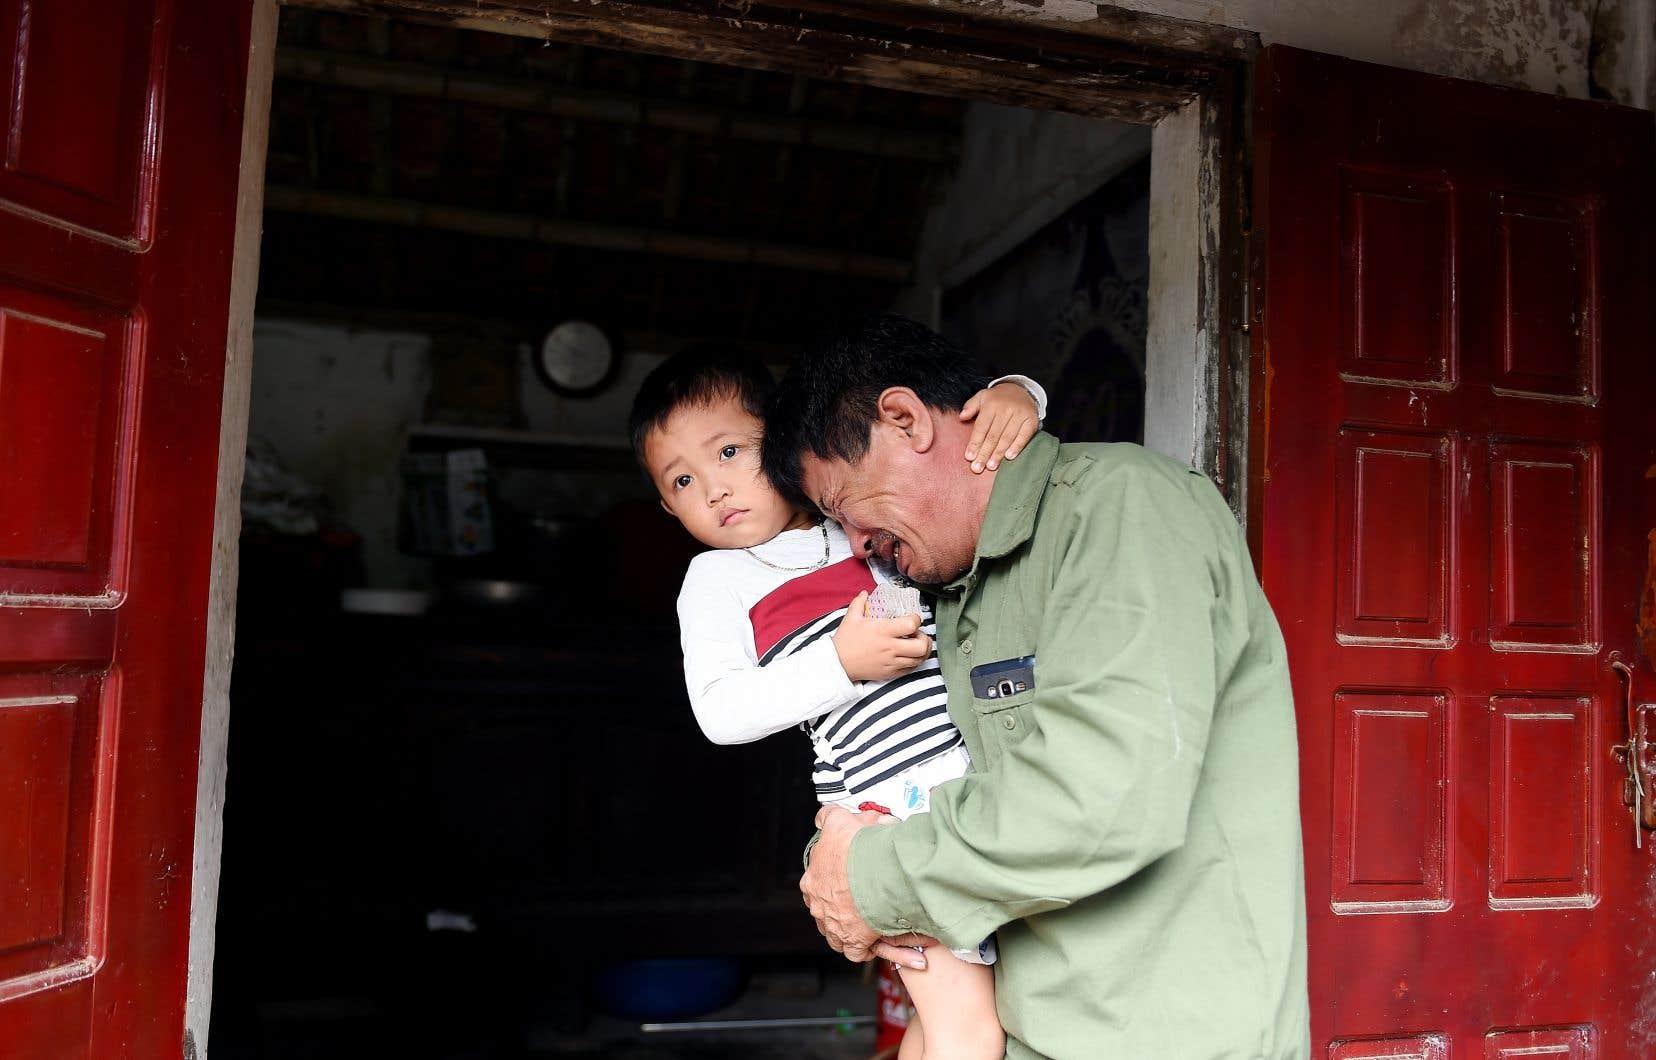 Le Minh Tuan craint que son fils,Le Van Ha âgé de 30 ans, soit parmi les 39 victimes retrouvées mortes dans un camion en Grande-Bretagne.